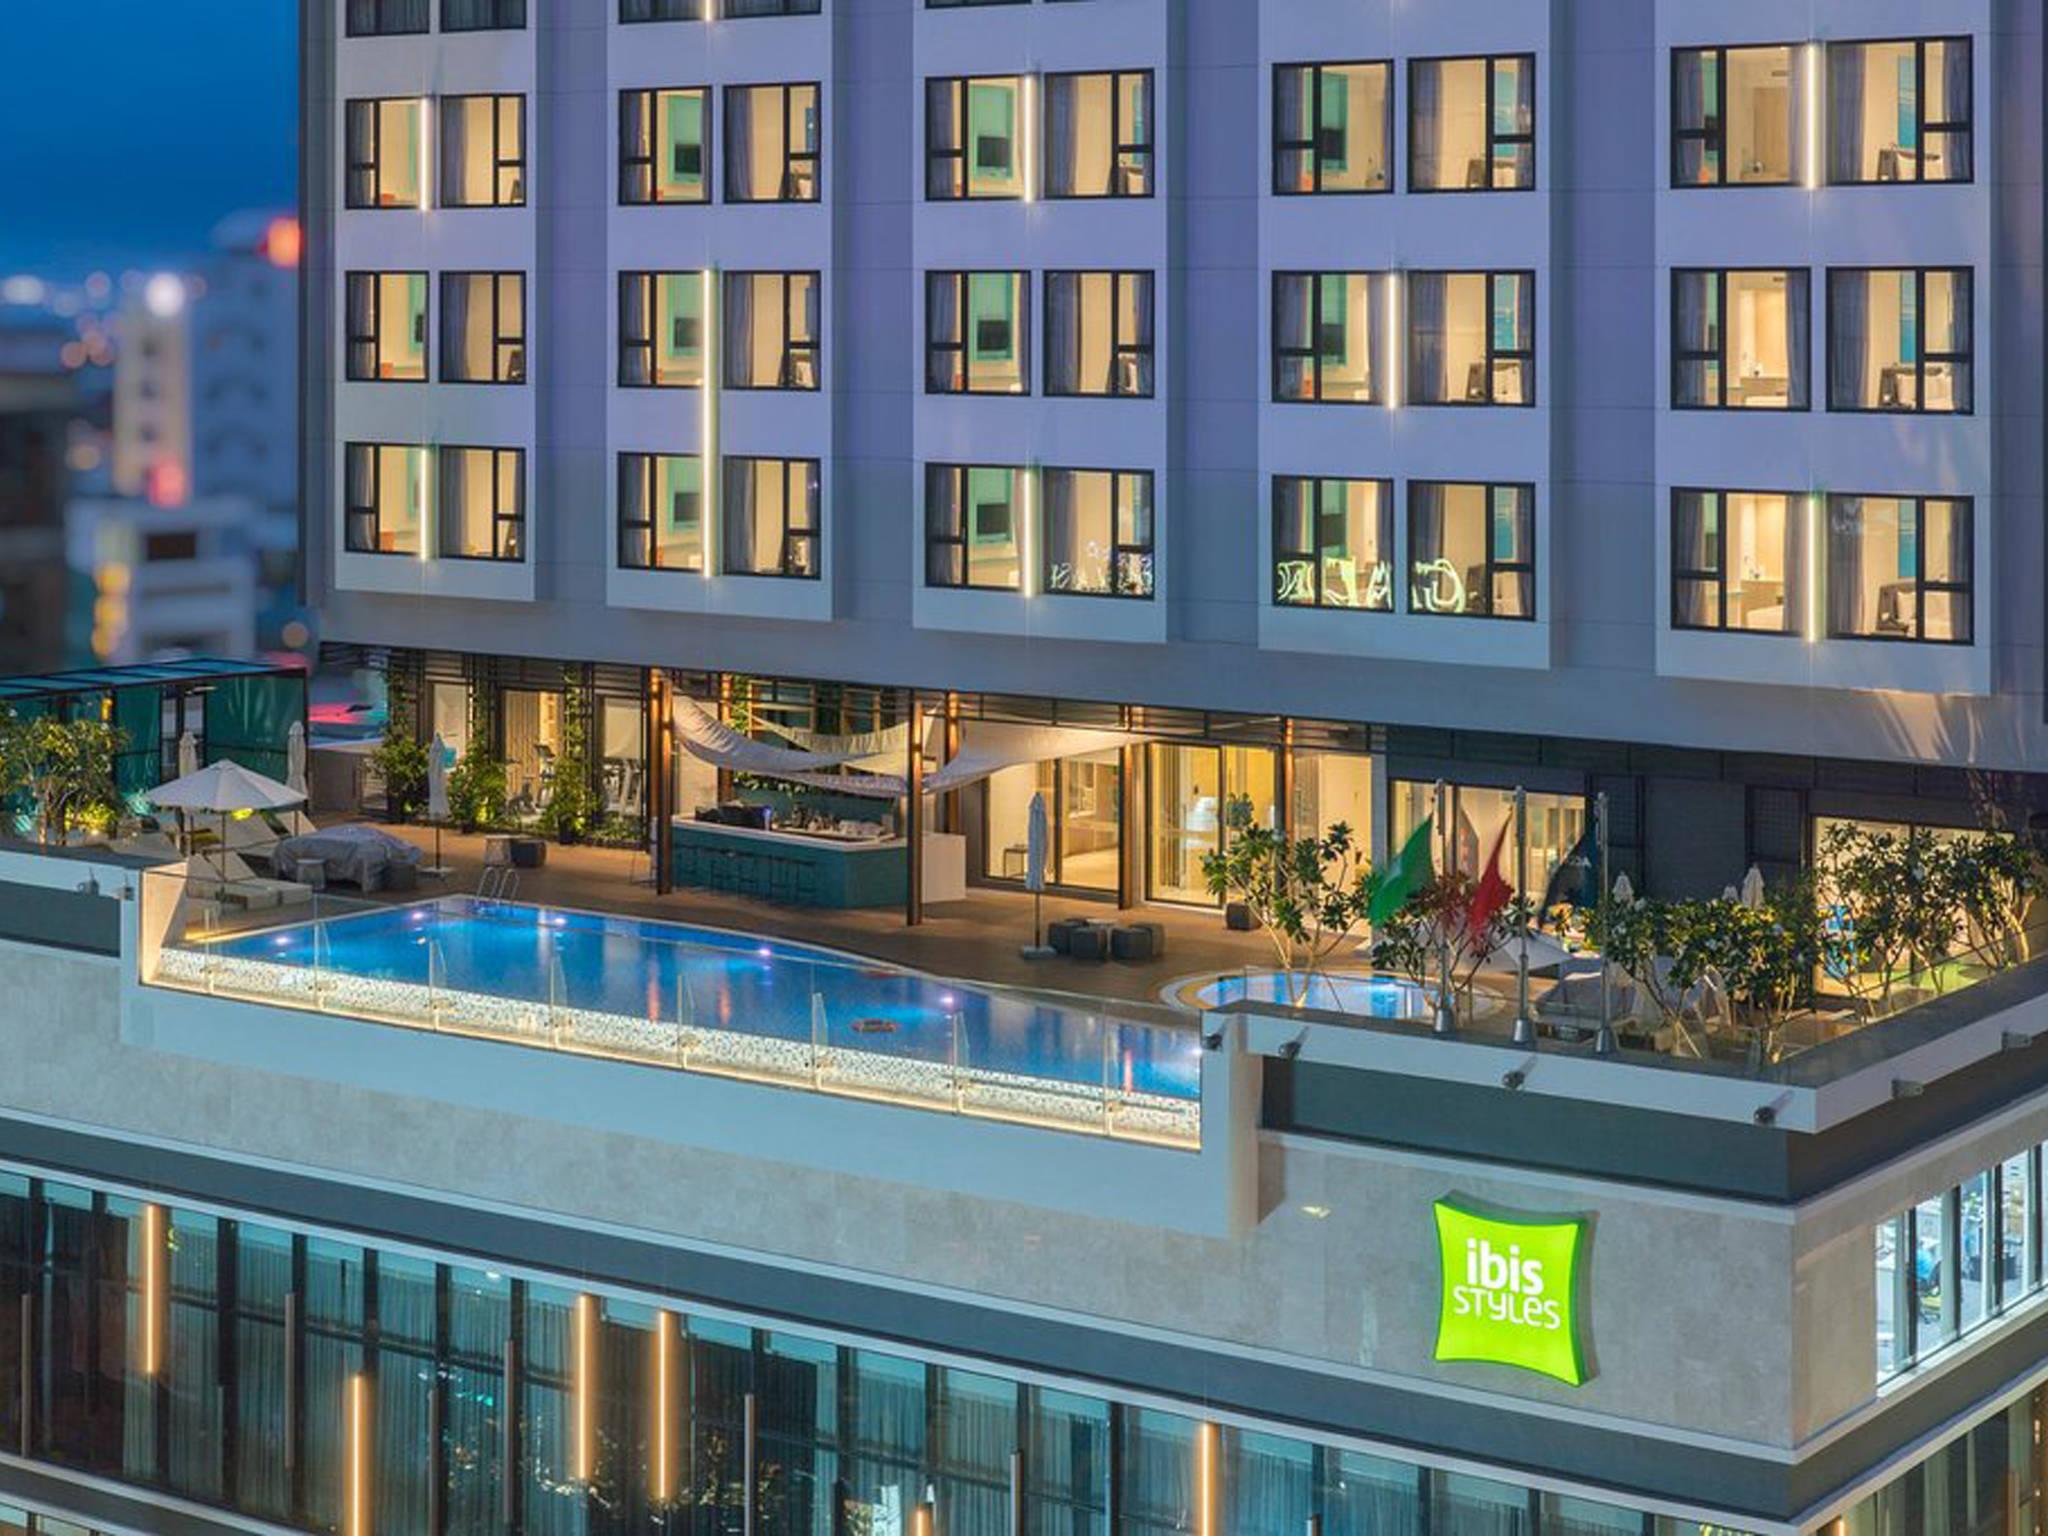 โรงแรม – ไอบิส สไตล์ นาตรัง